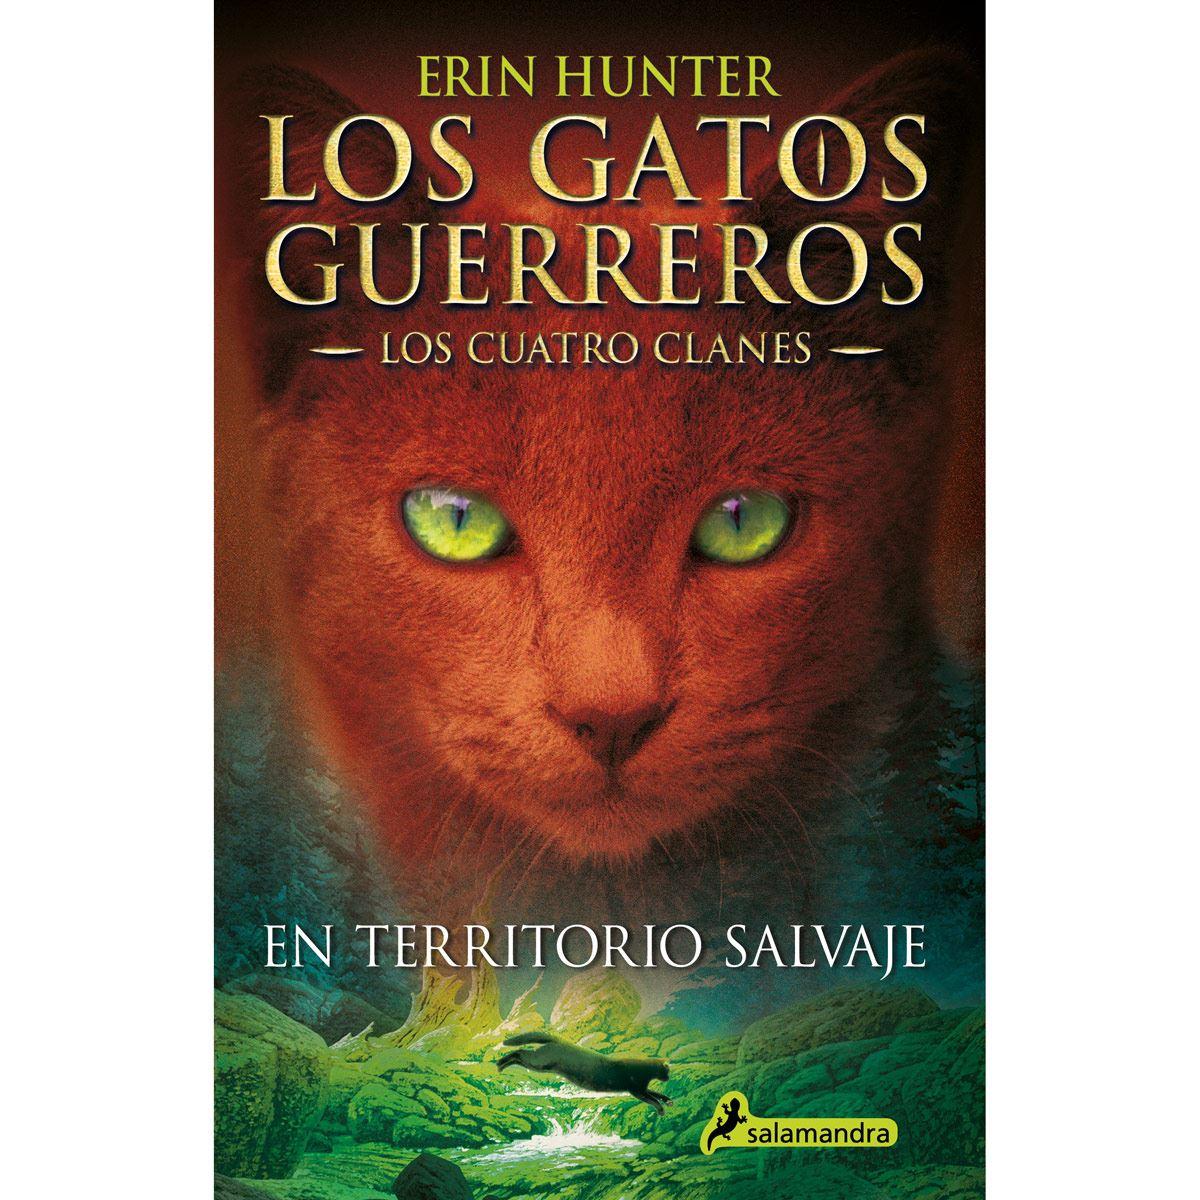 En territorio salvaje (gatos guerreros-los cuatro  clanes)